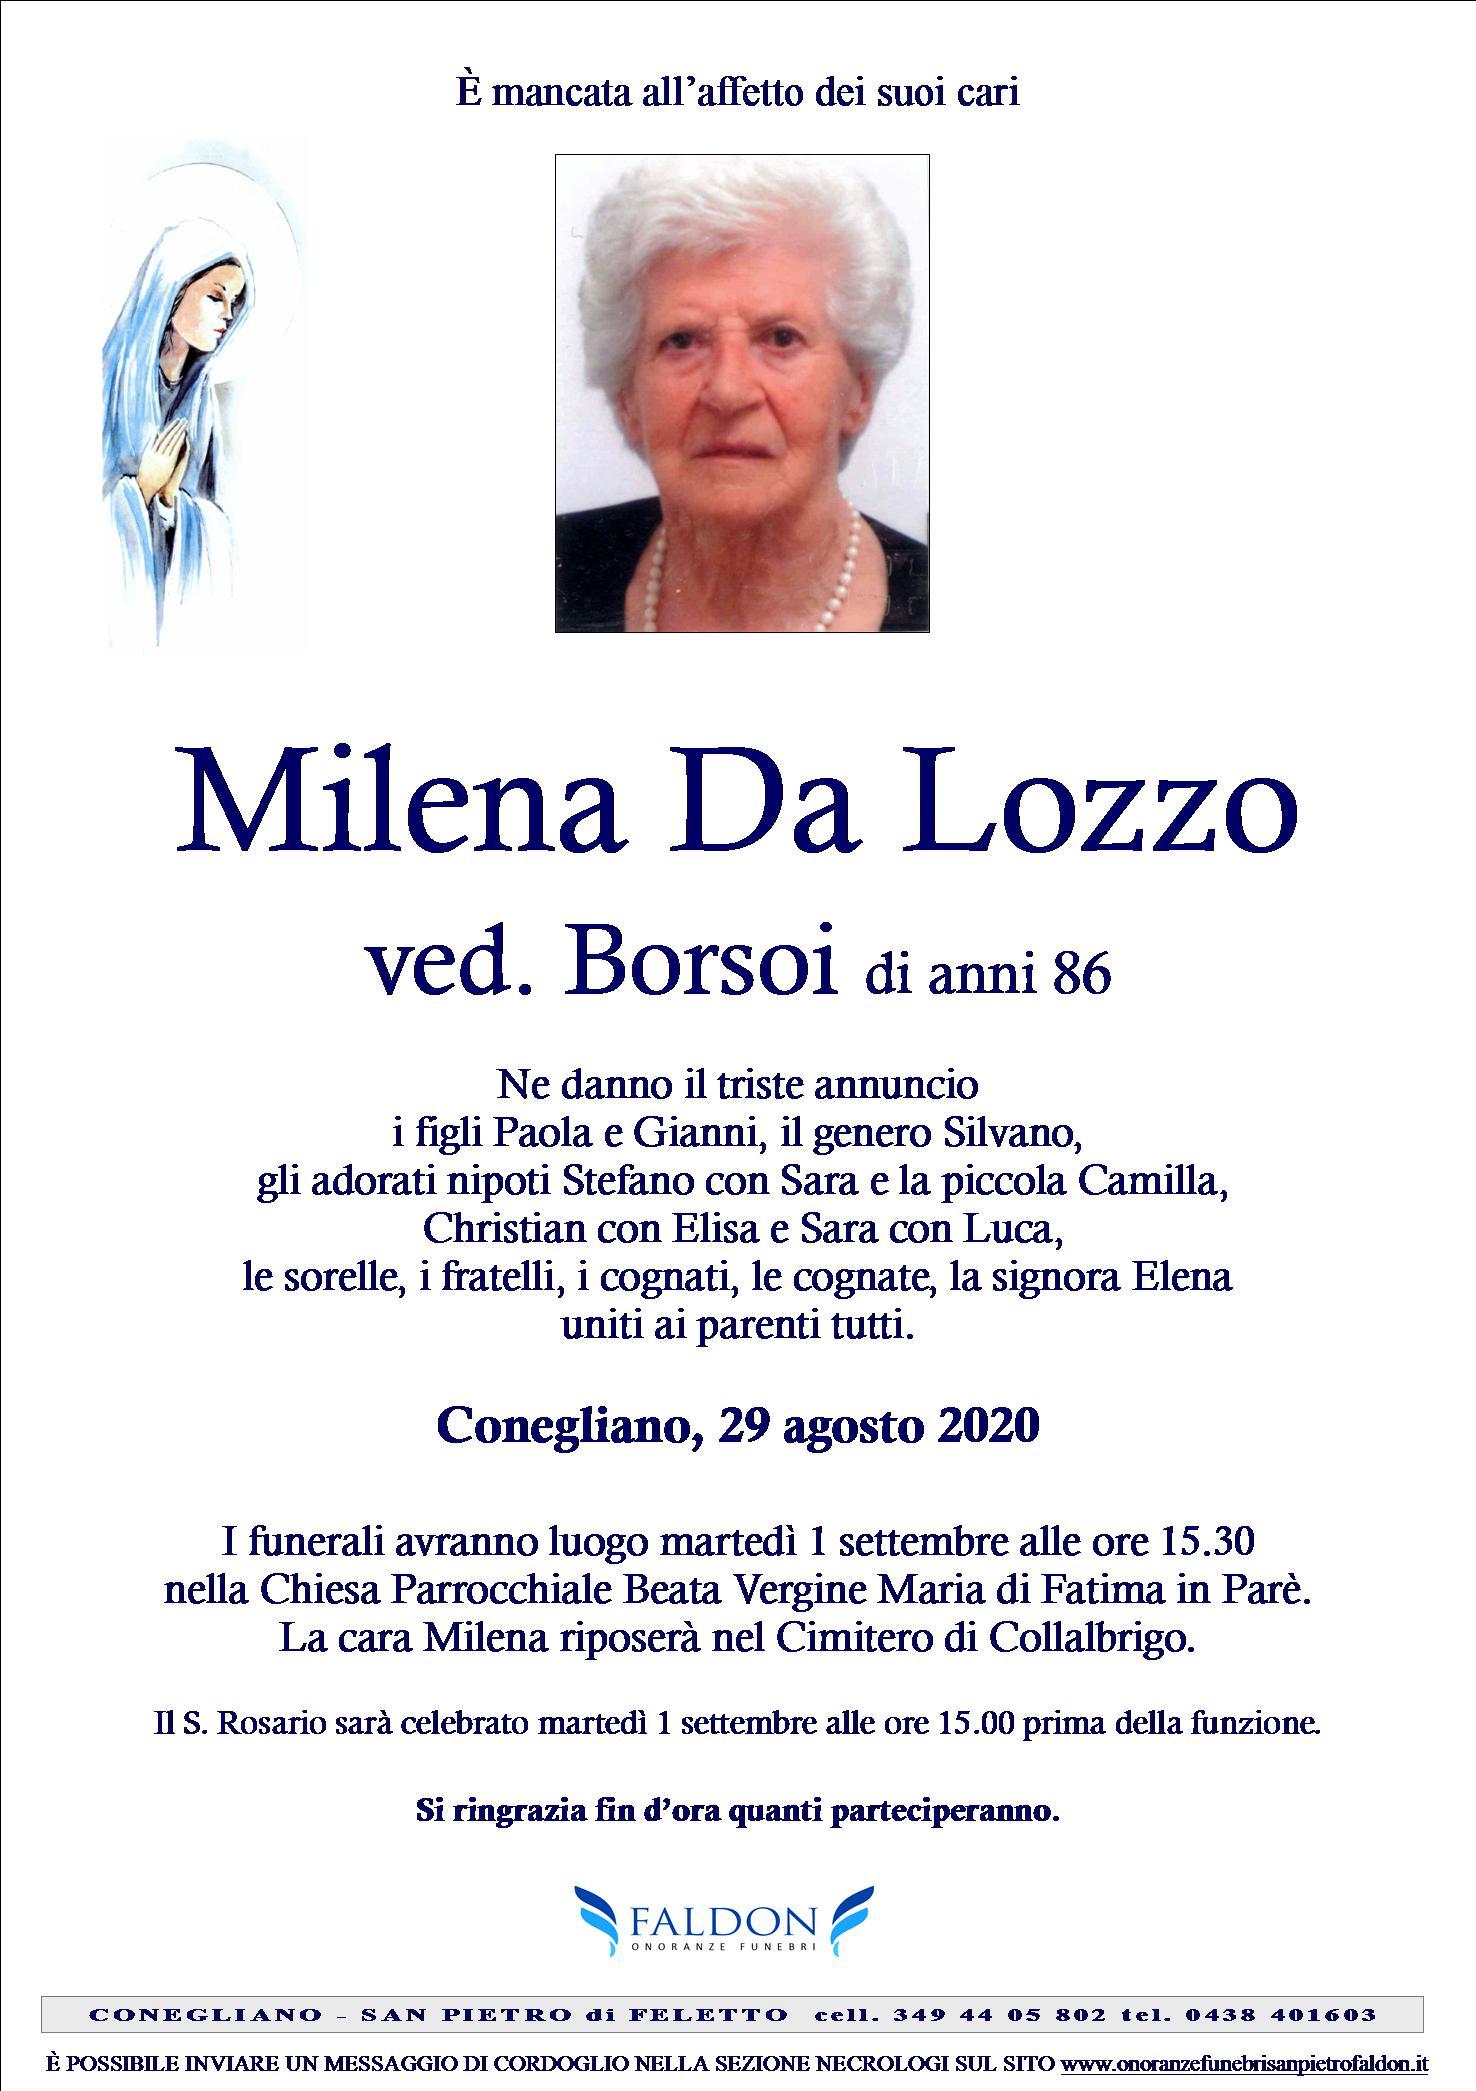 Milena Da Lozzo